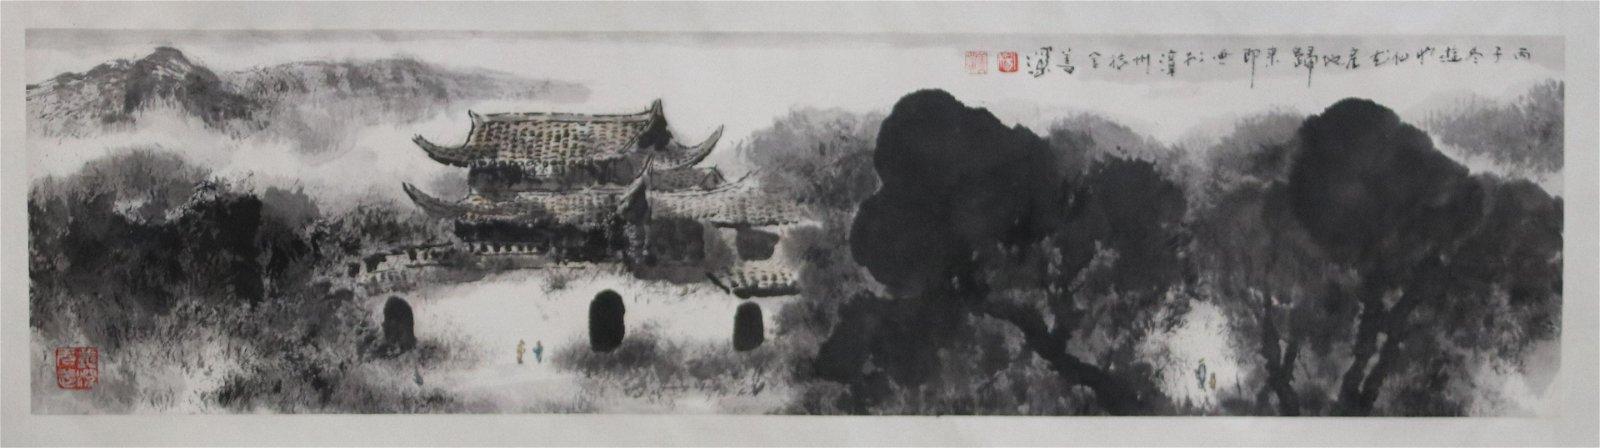 YANG SHANSHEN: INK ON PAPER PAINTING 'LANDSCAPE